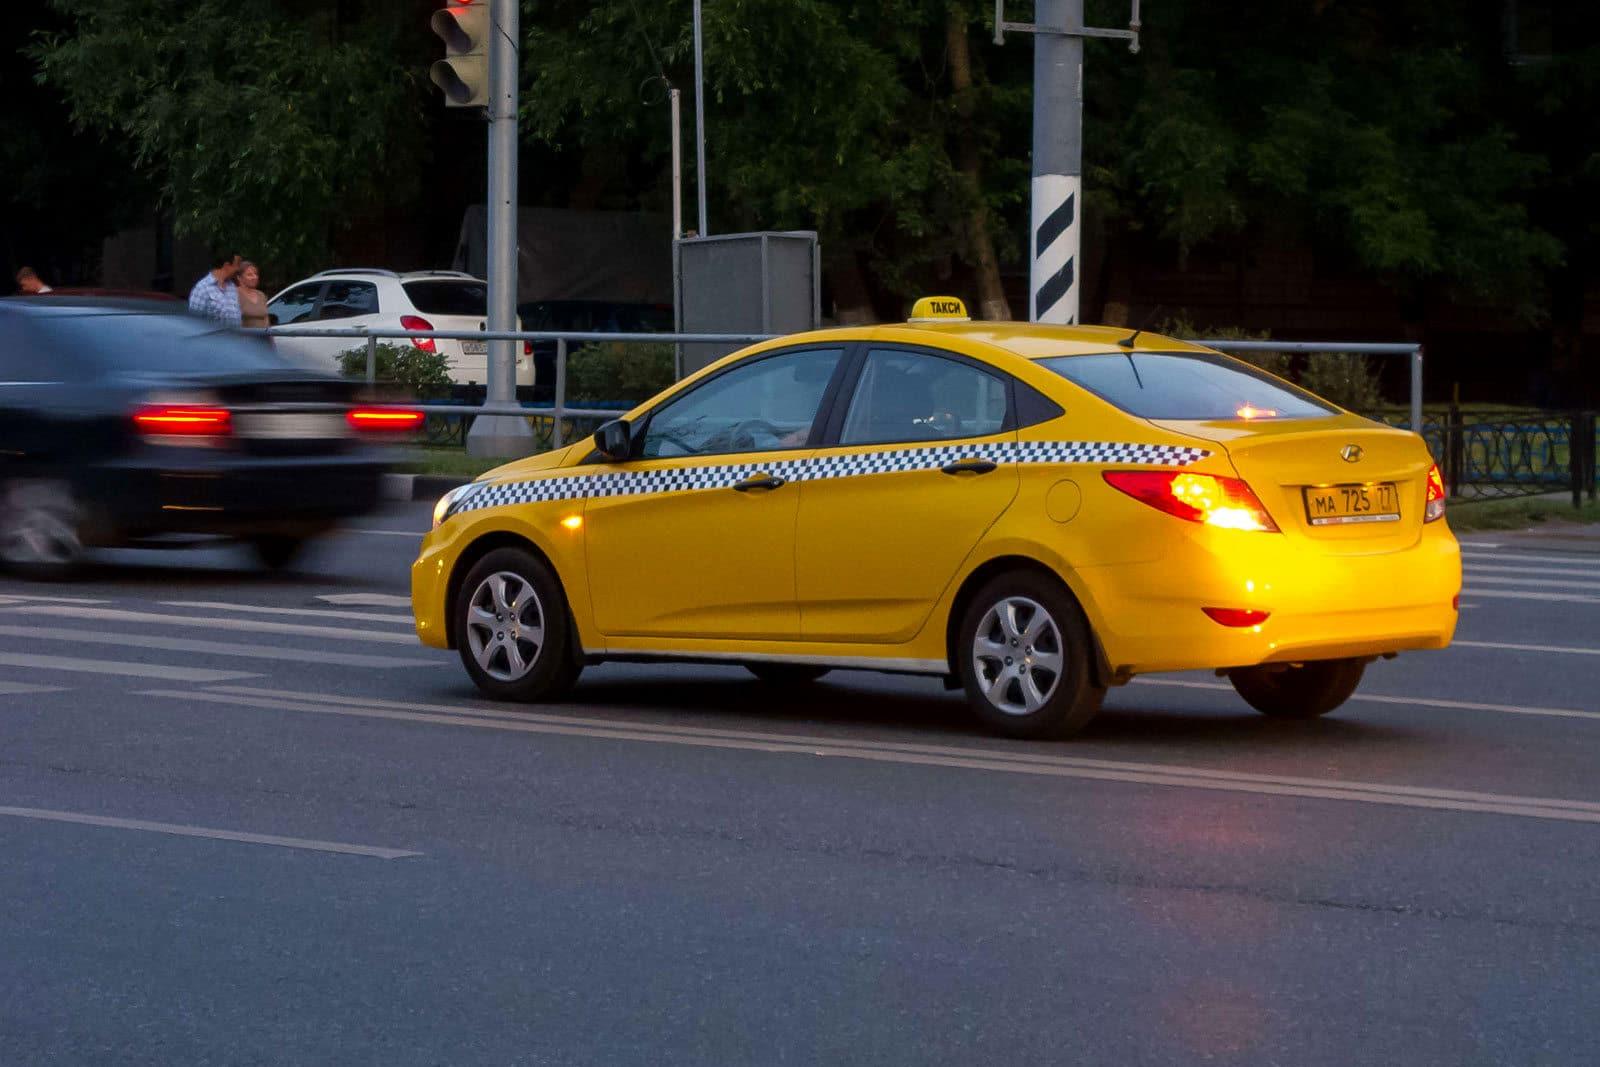 Чтобы сэкономить на содержании автопарков, чиновников хотят пересадить на такси